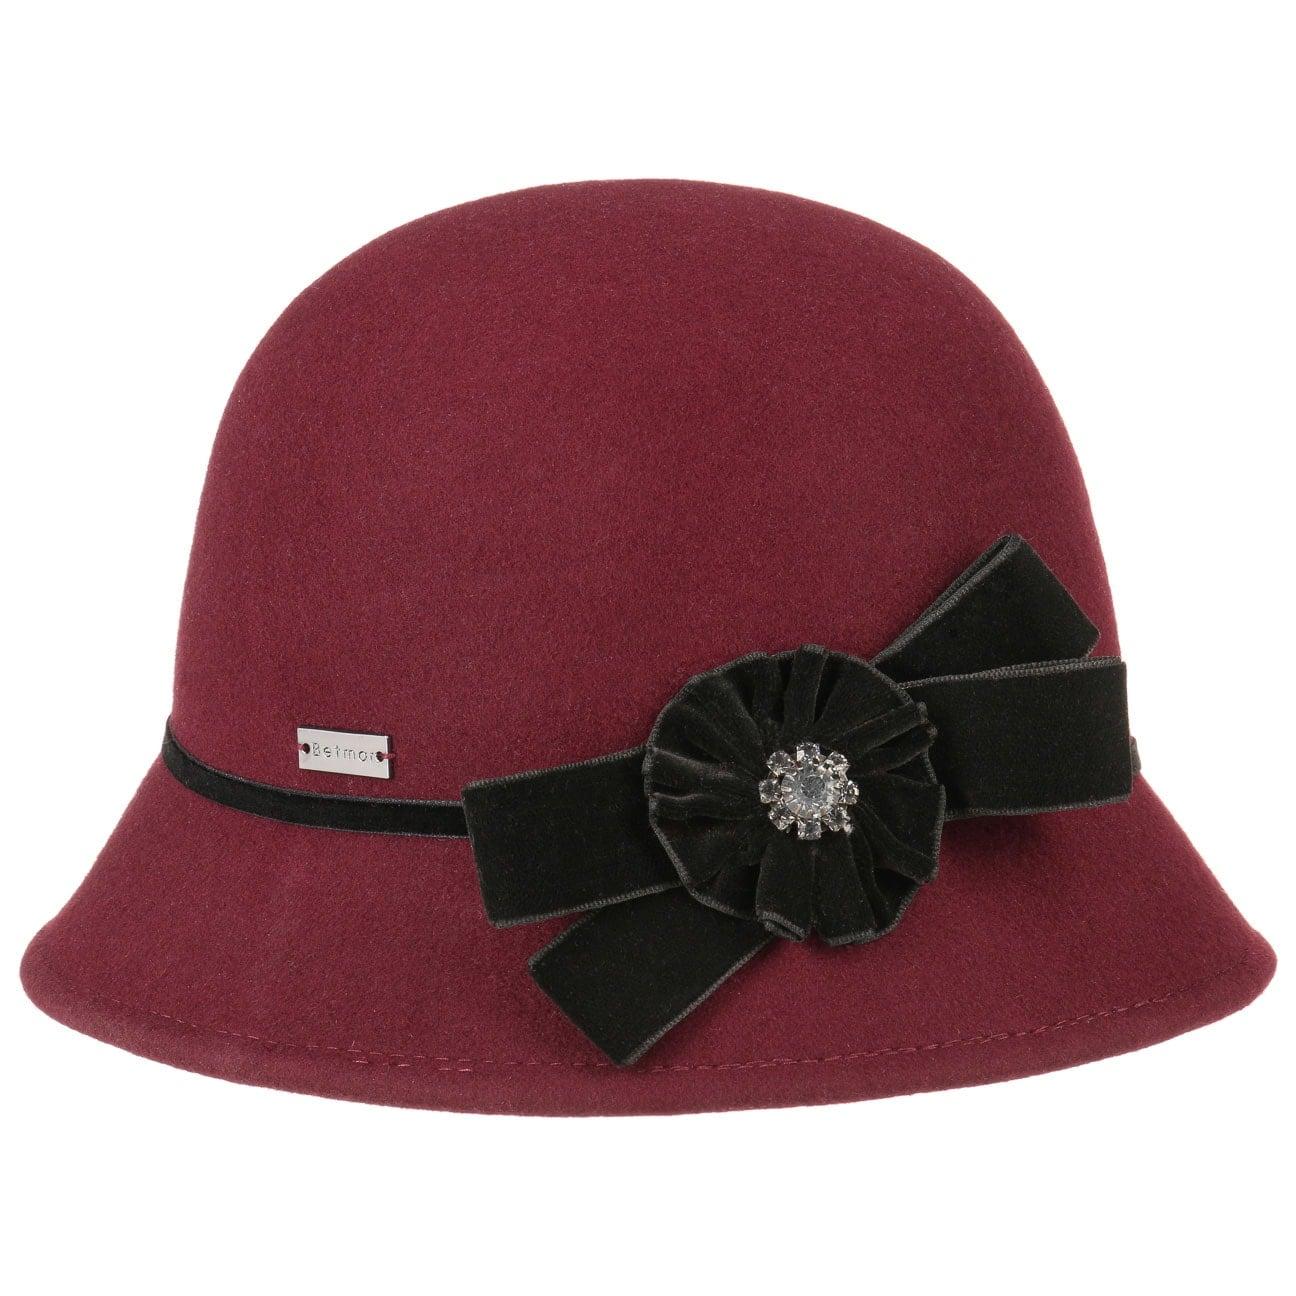 Chapeau en Cloche pour Femme Nella by Betmar  chapeau cloche en feutre